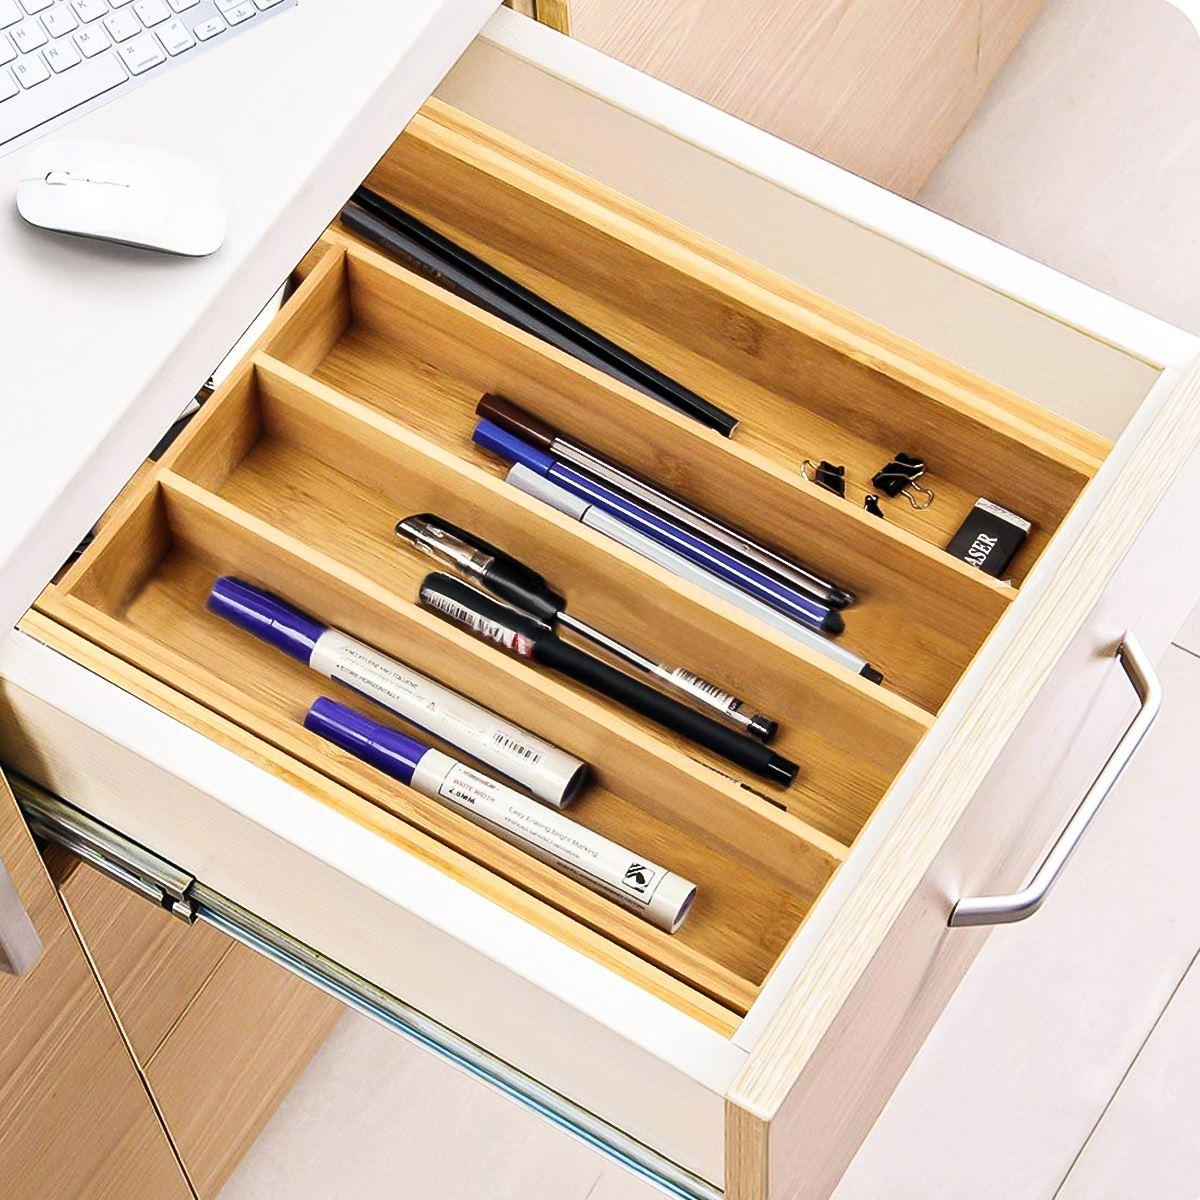 Organizador de gavetas expansível, utensílio de talheres,